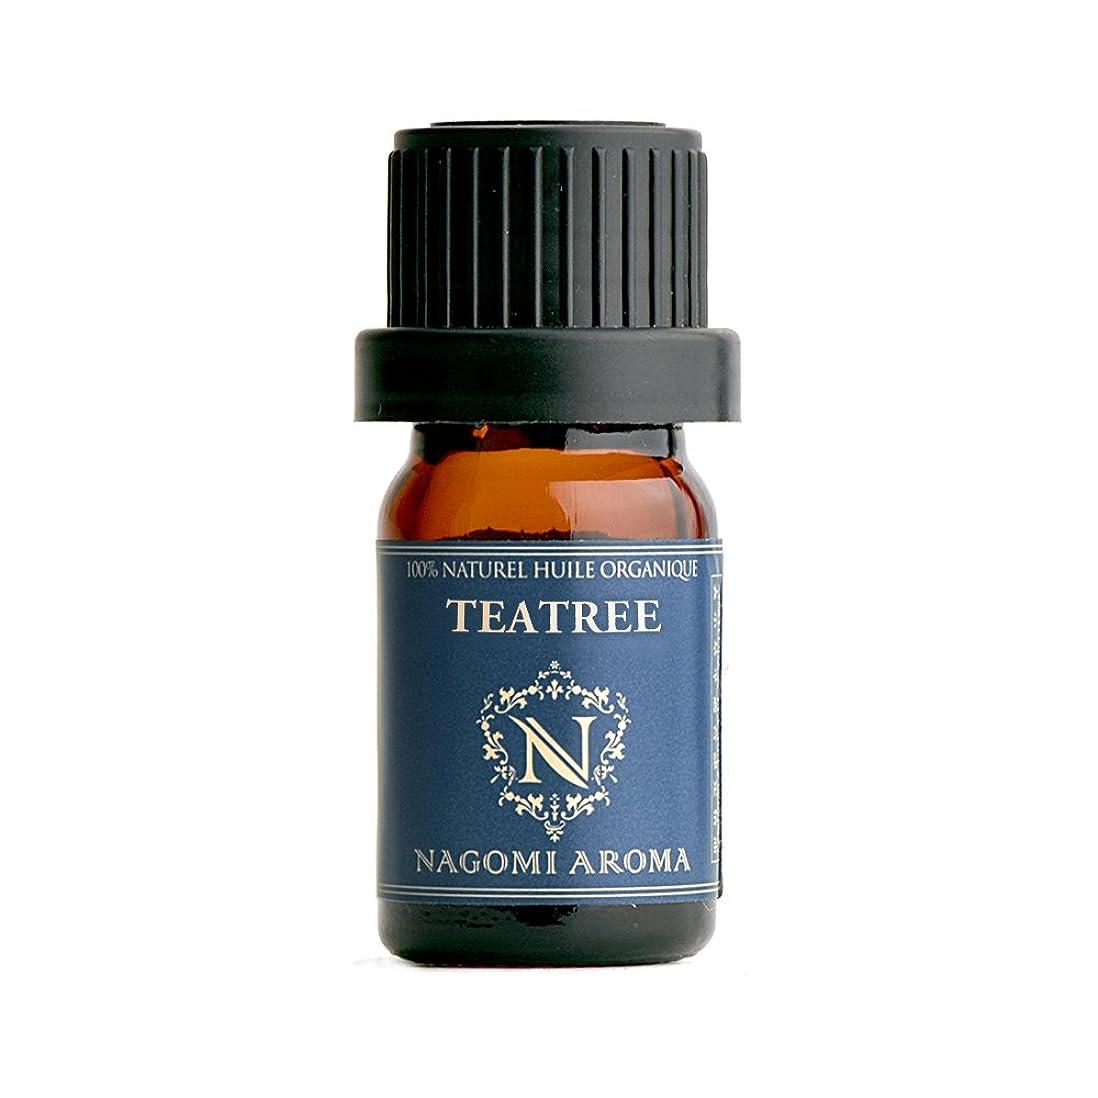 フォージ普遍的な適合するNAGOMI AROMA オーガニック ティートゥリー 5ml 【AEAJ認定精油】【アロマオイル】